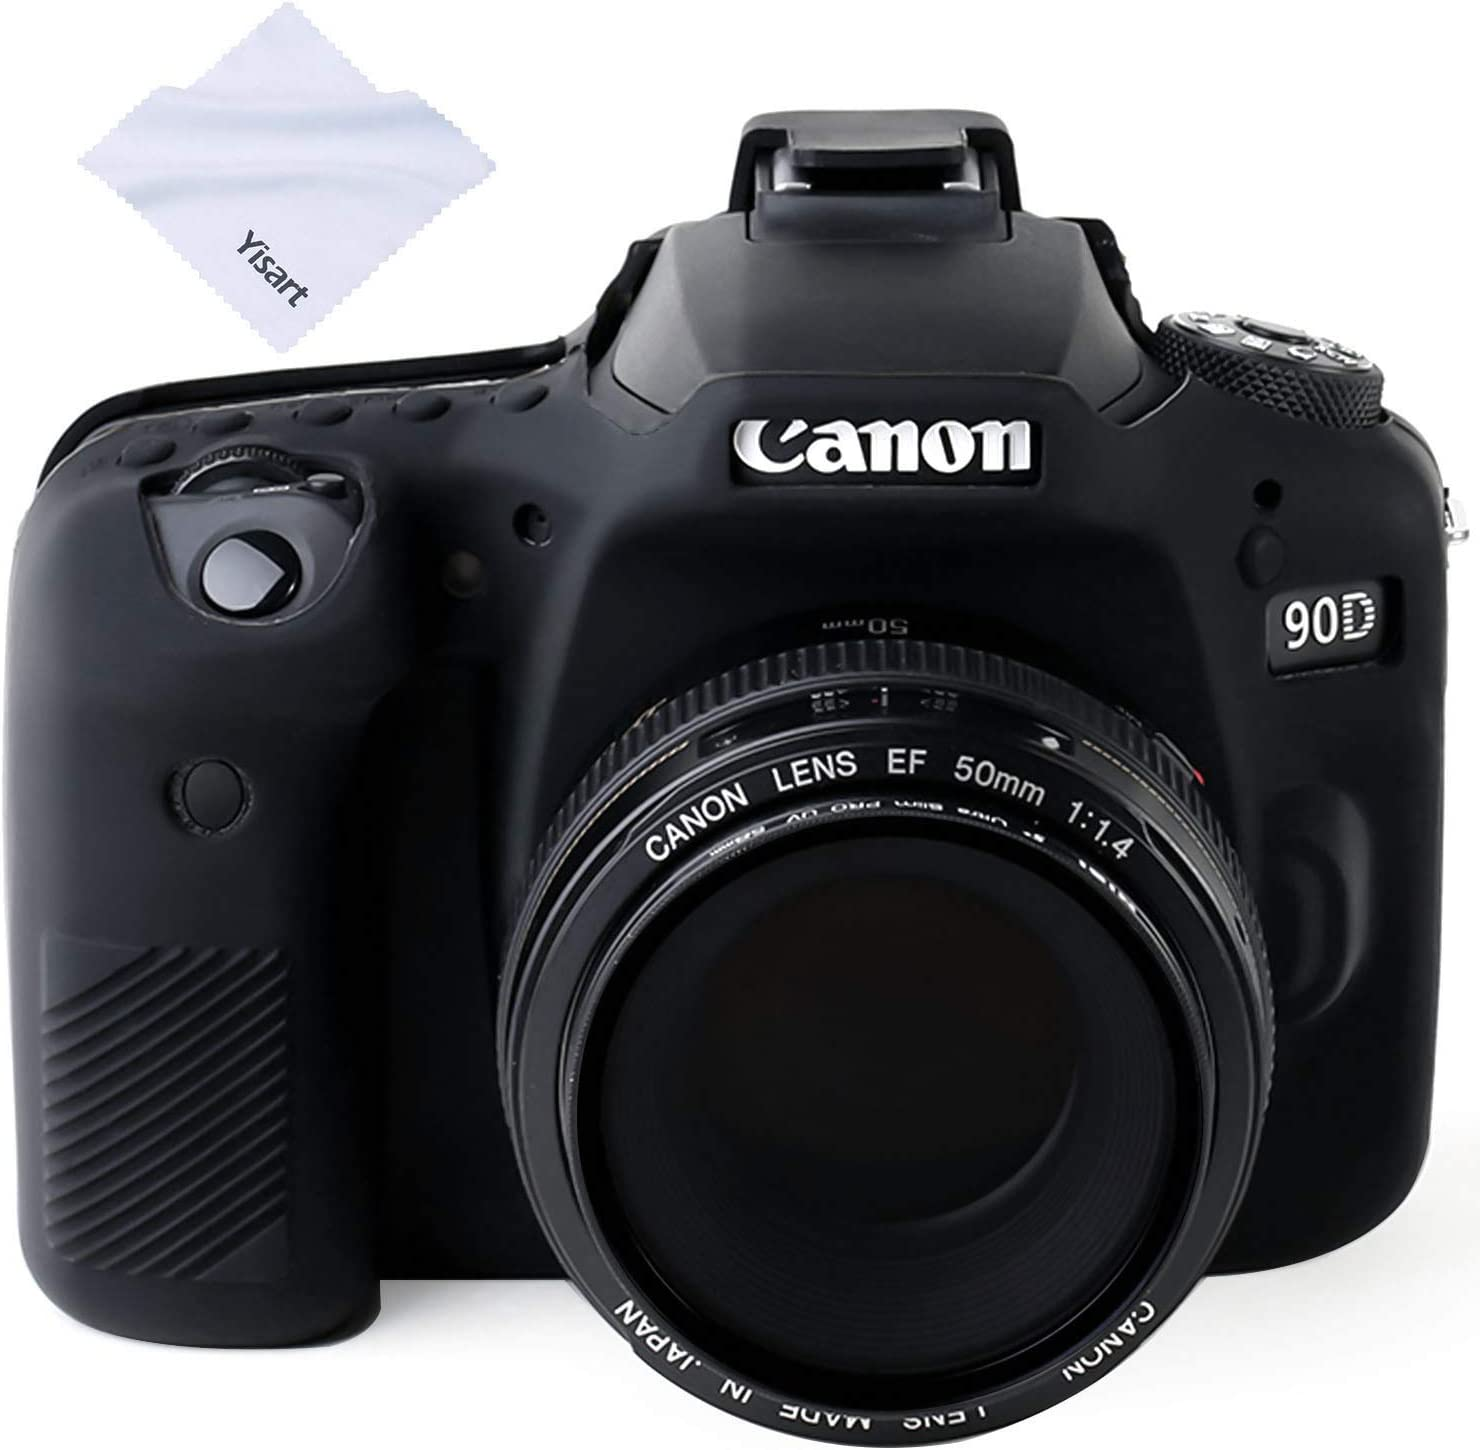 Yisau 90D Camera Case Professional Silicone Camera Case for Canon EOS 90D Camera Canon Rebel EOS 90D Camera Beautiful Companion (Black)